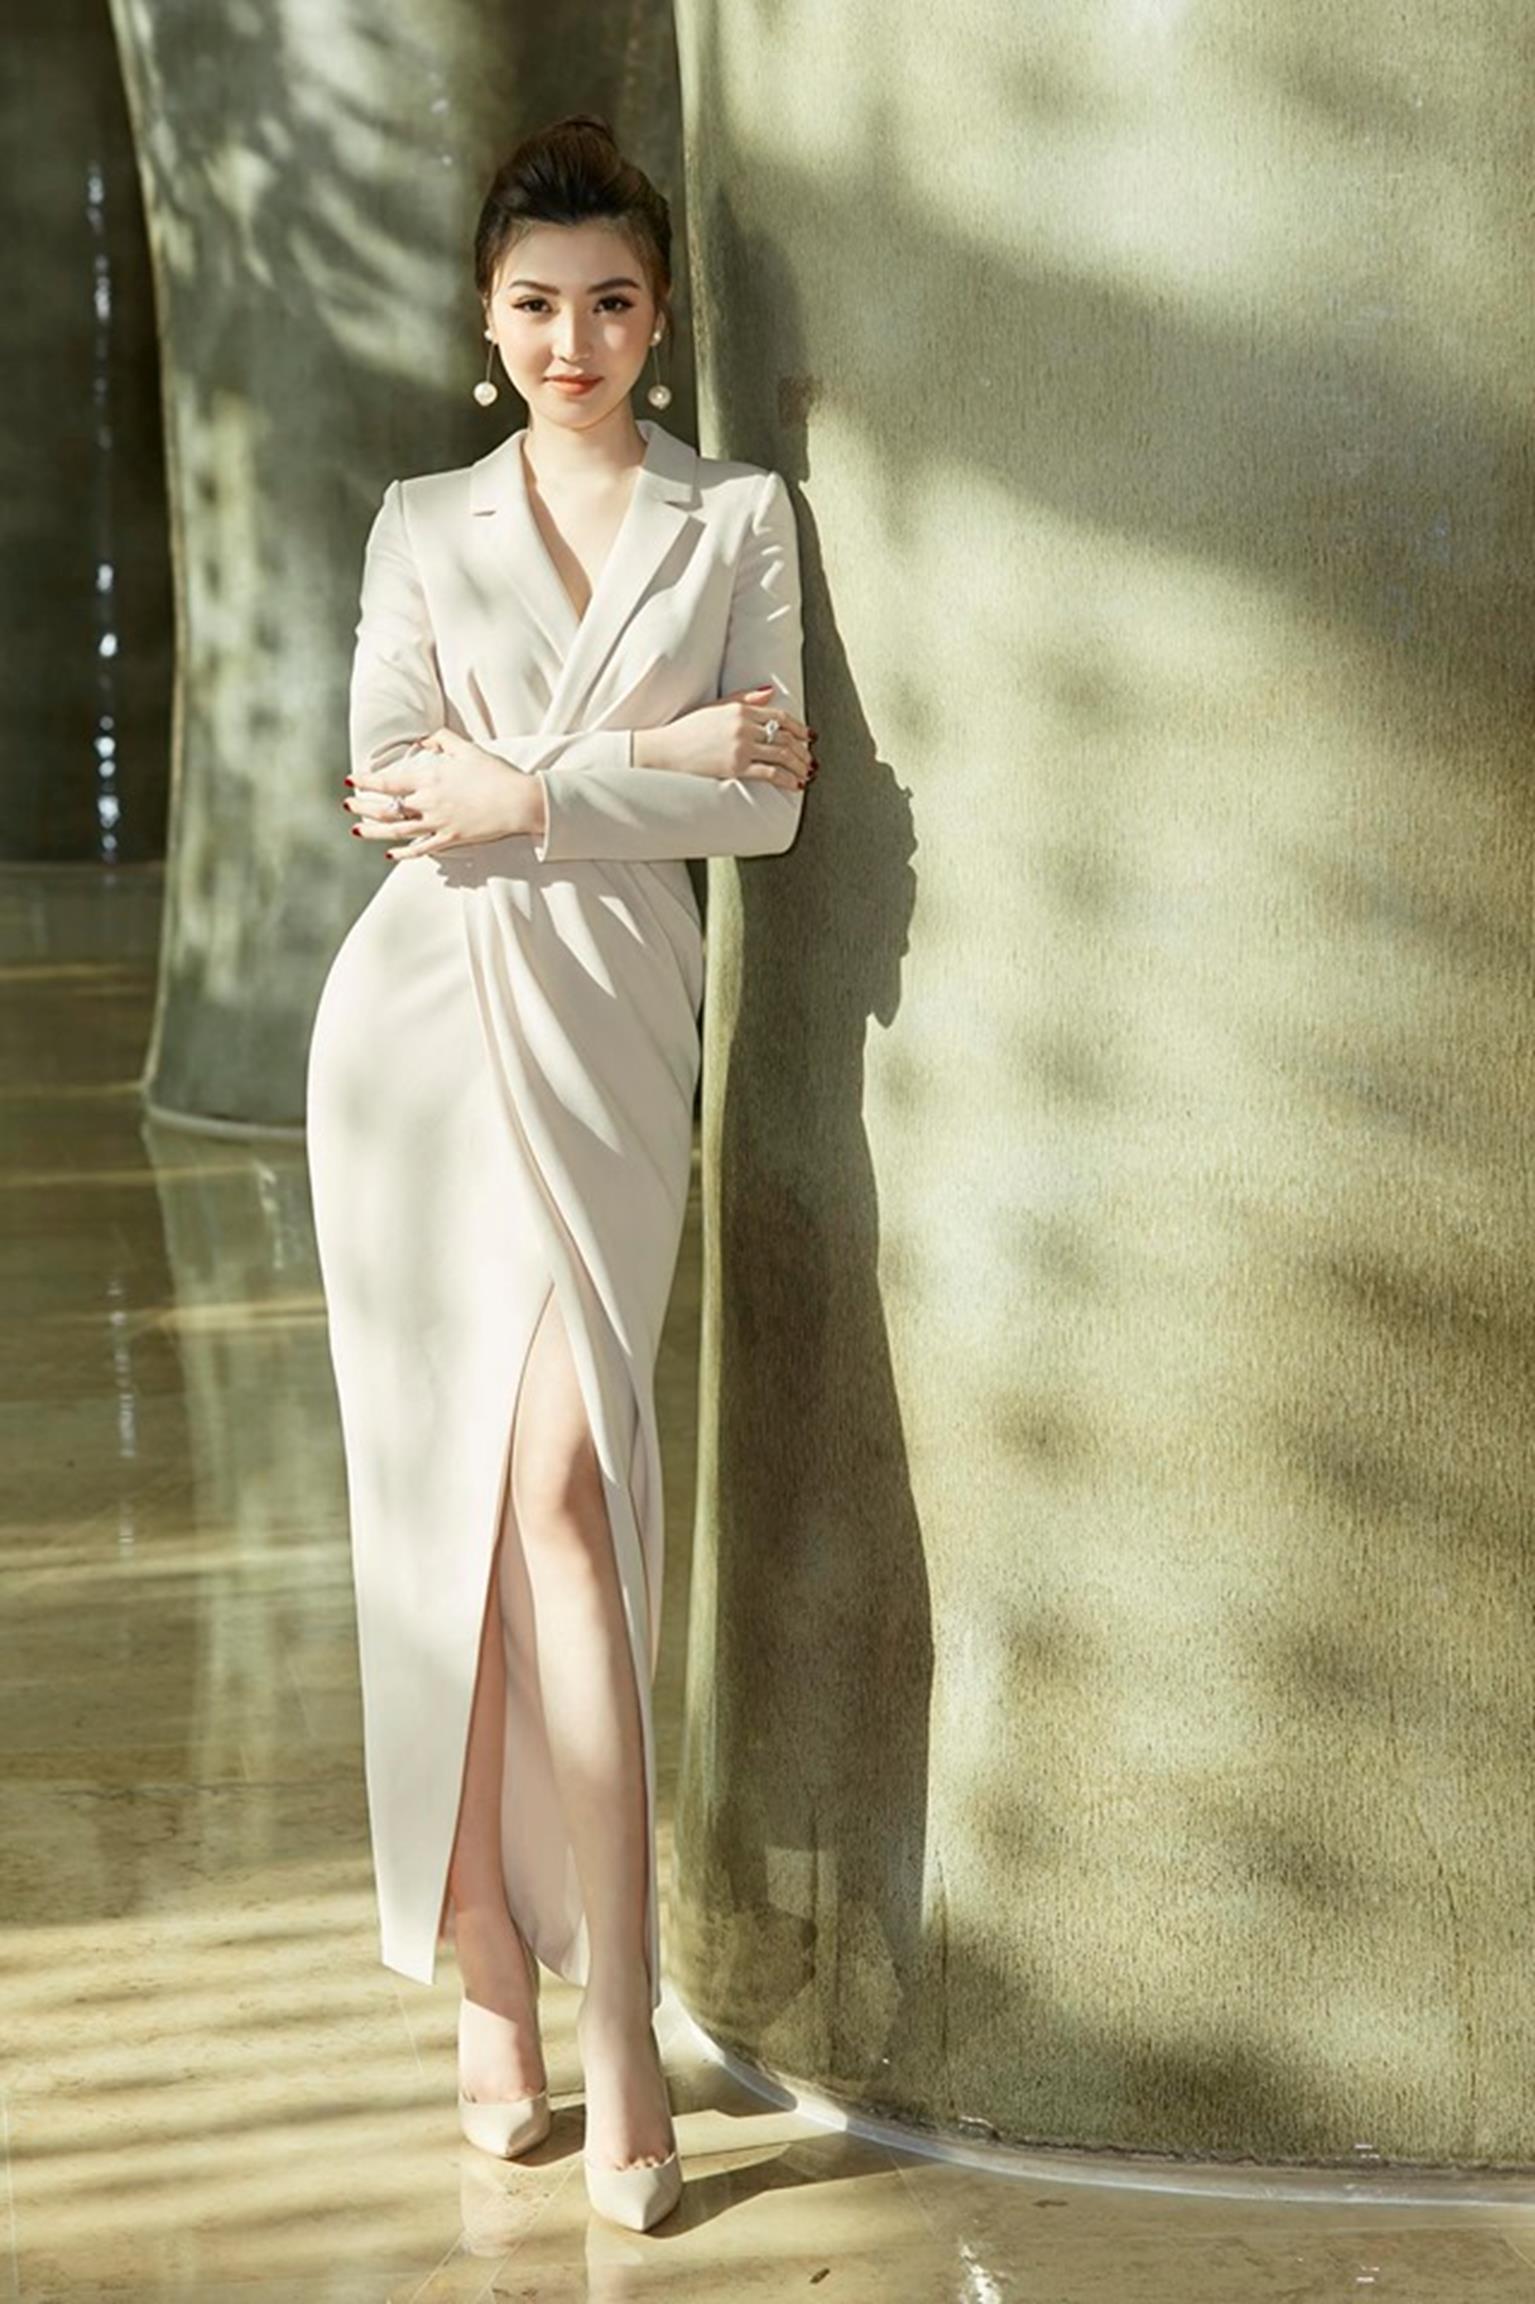 Mỹ nữ Vũng Tàu đi xe 70 tỷ mặc đồ thanh lịch thu hút mọi ánh nhìn-2